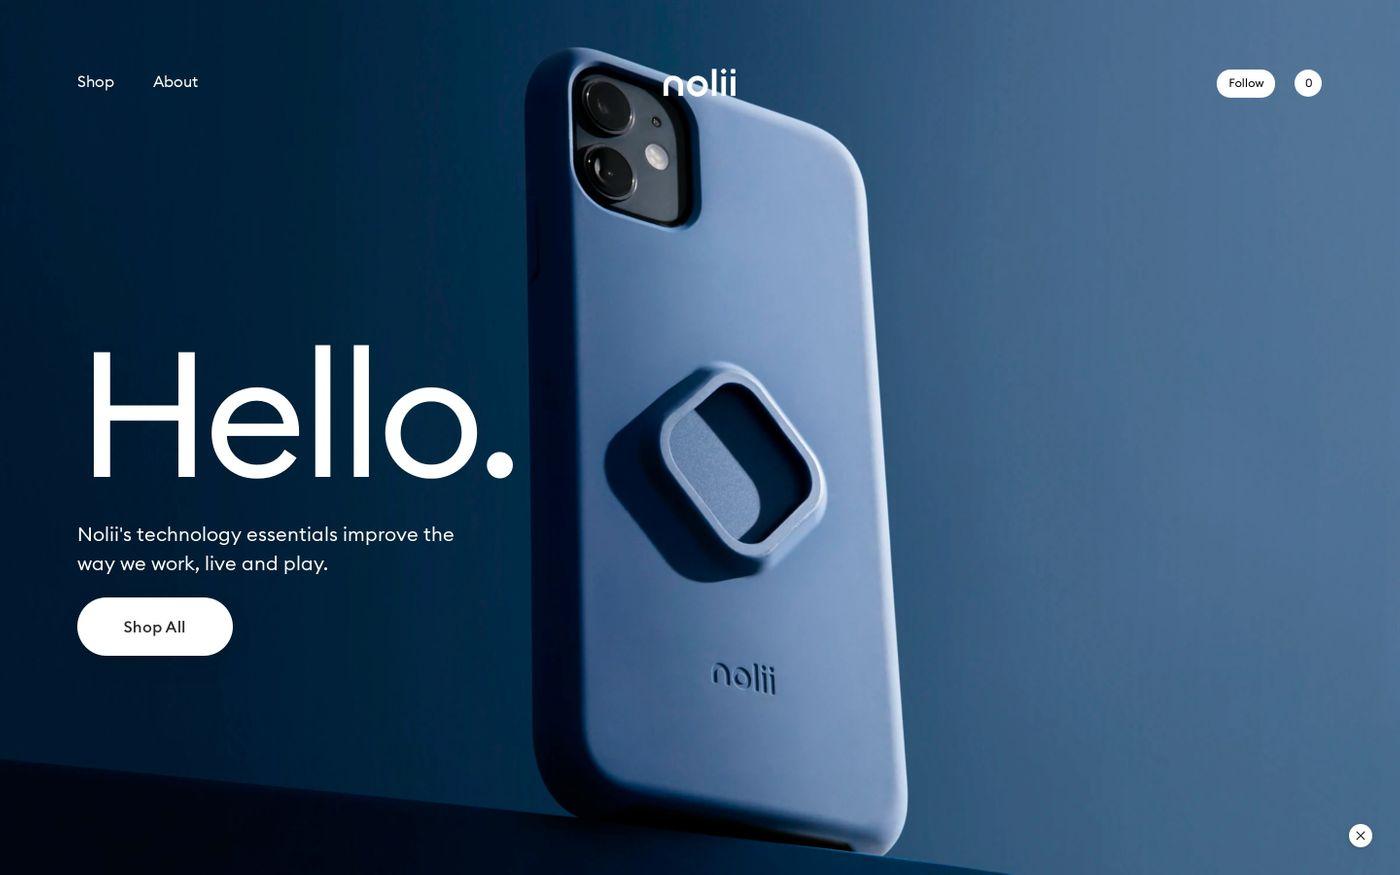 Screenshot of Nolii website